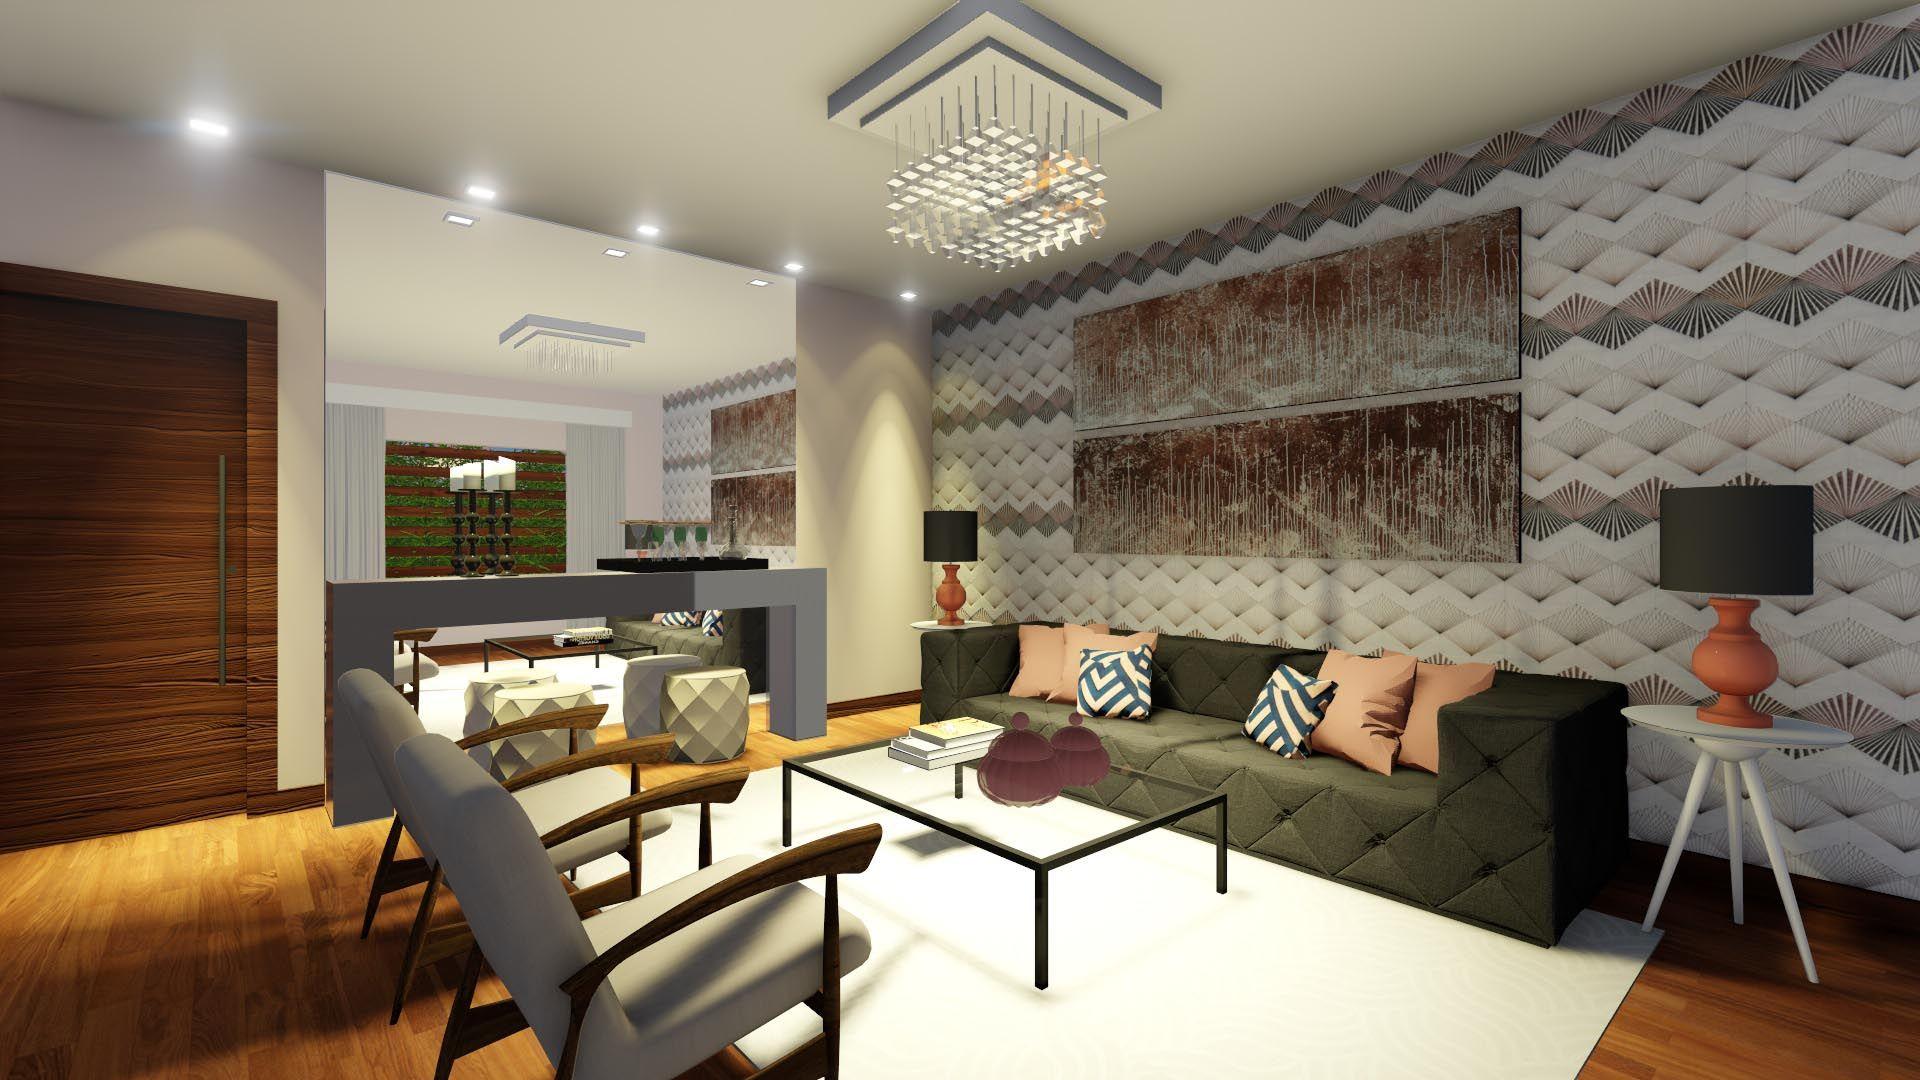 Sala de estar moderna. Projeto e Maquete -Suzana Ganem